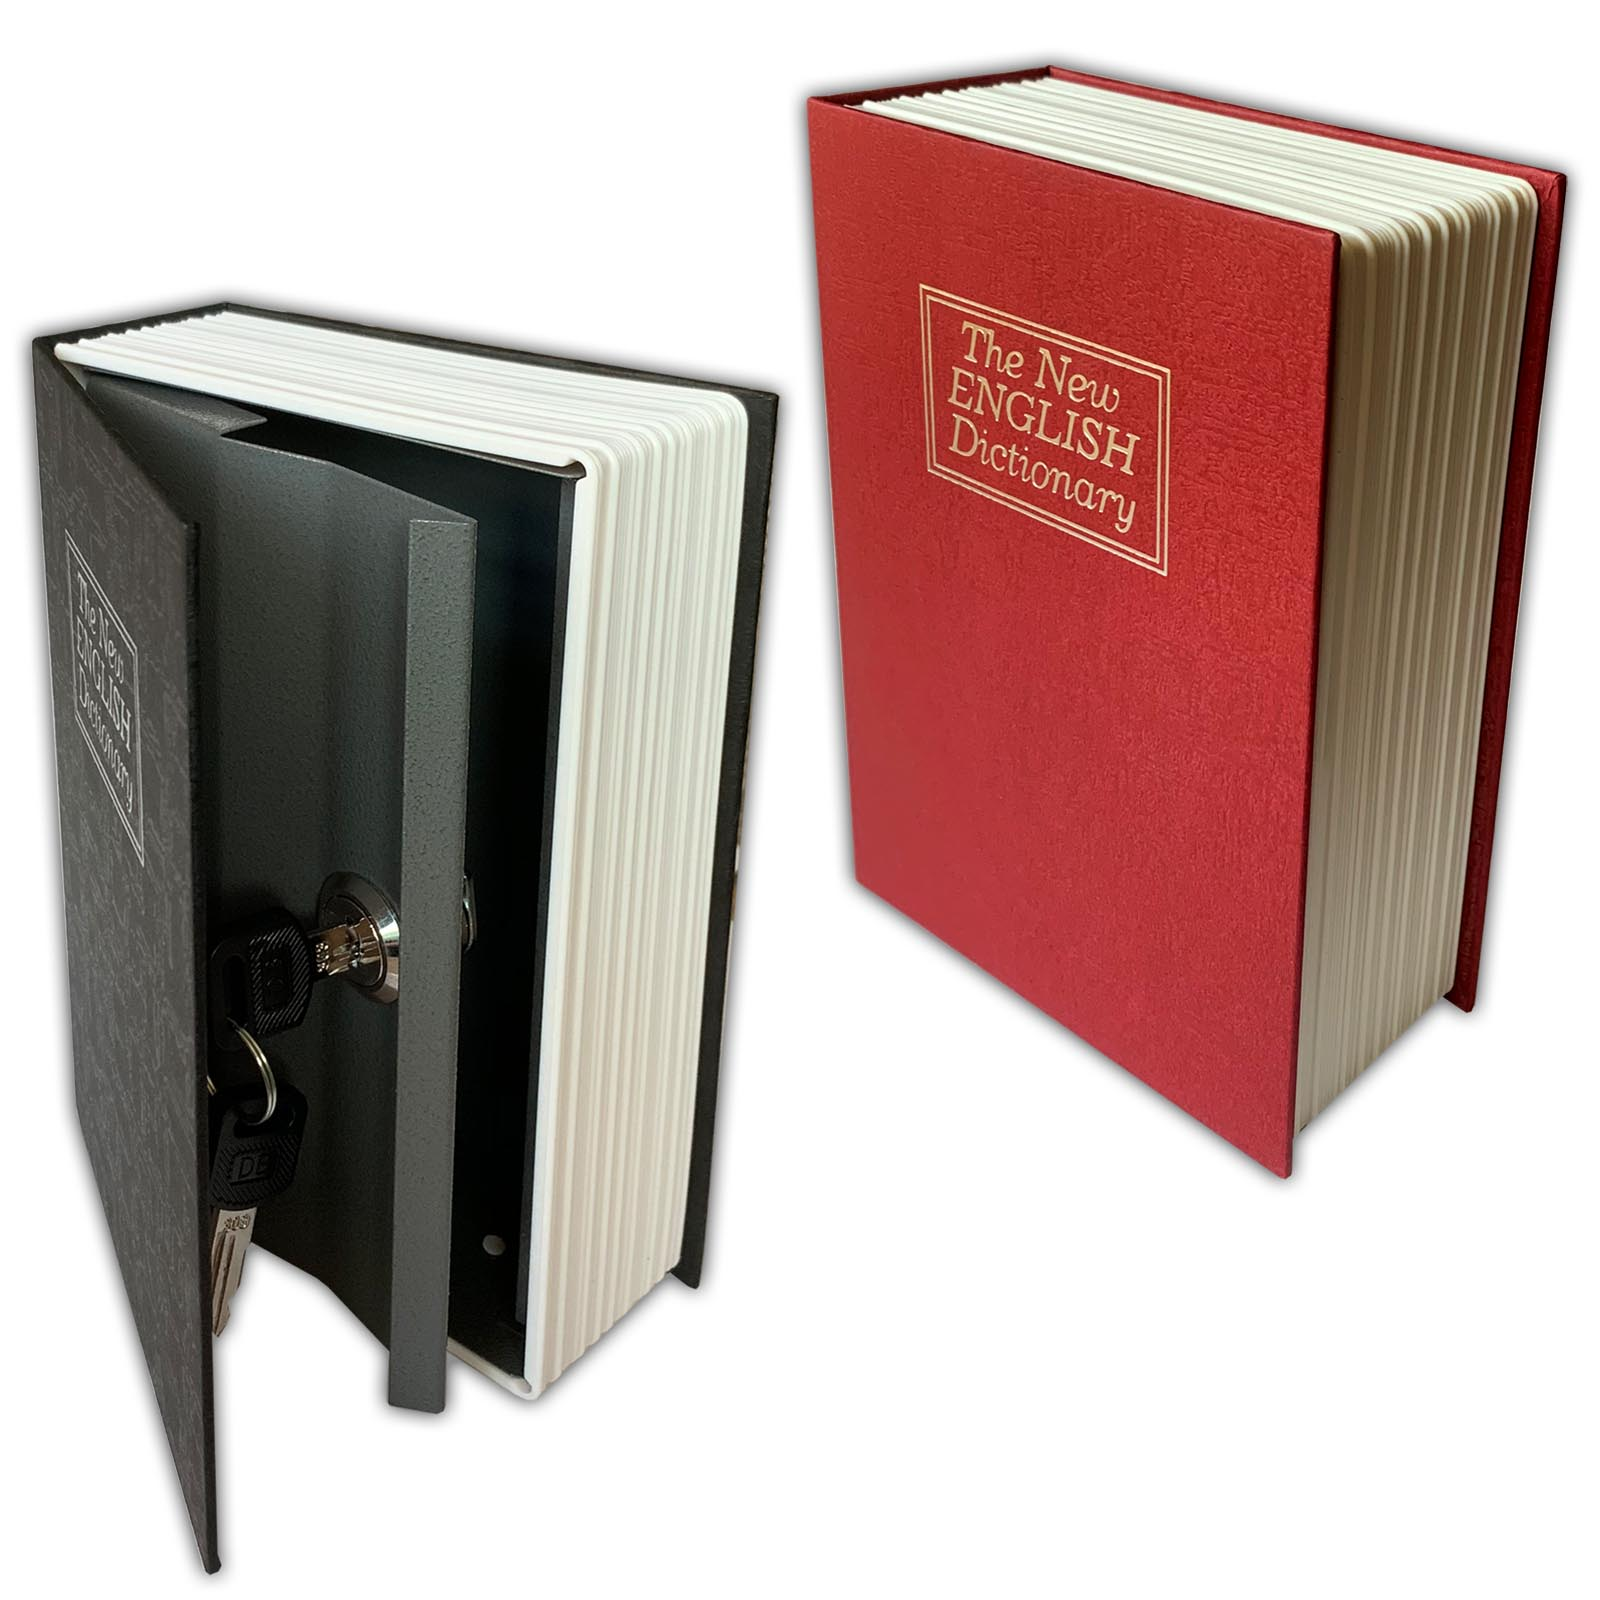 Bücher Tresor Buchattrappe Attrappe Buch Safe Geldkassette Geheimversteck